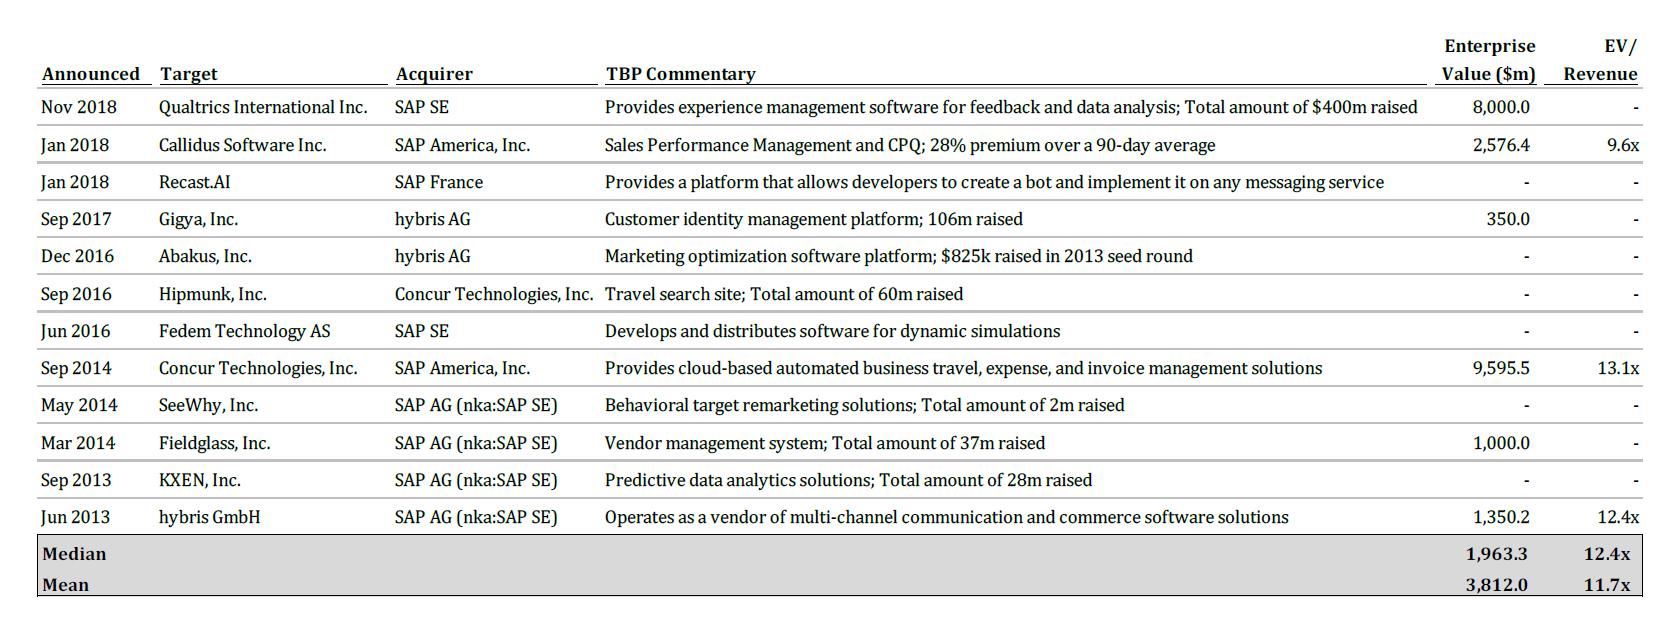 TBP Spotlight – SAP SE Acquires Qualtrics